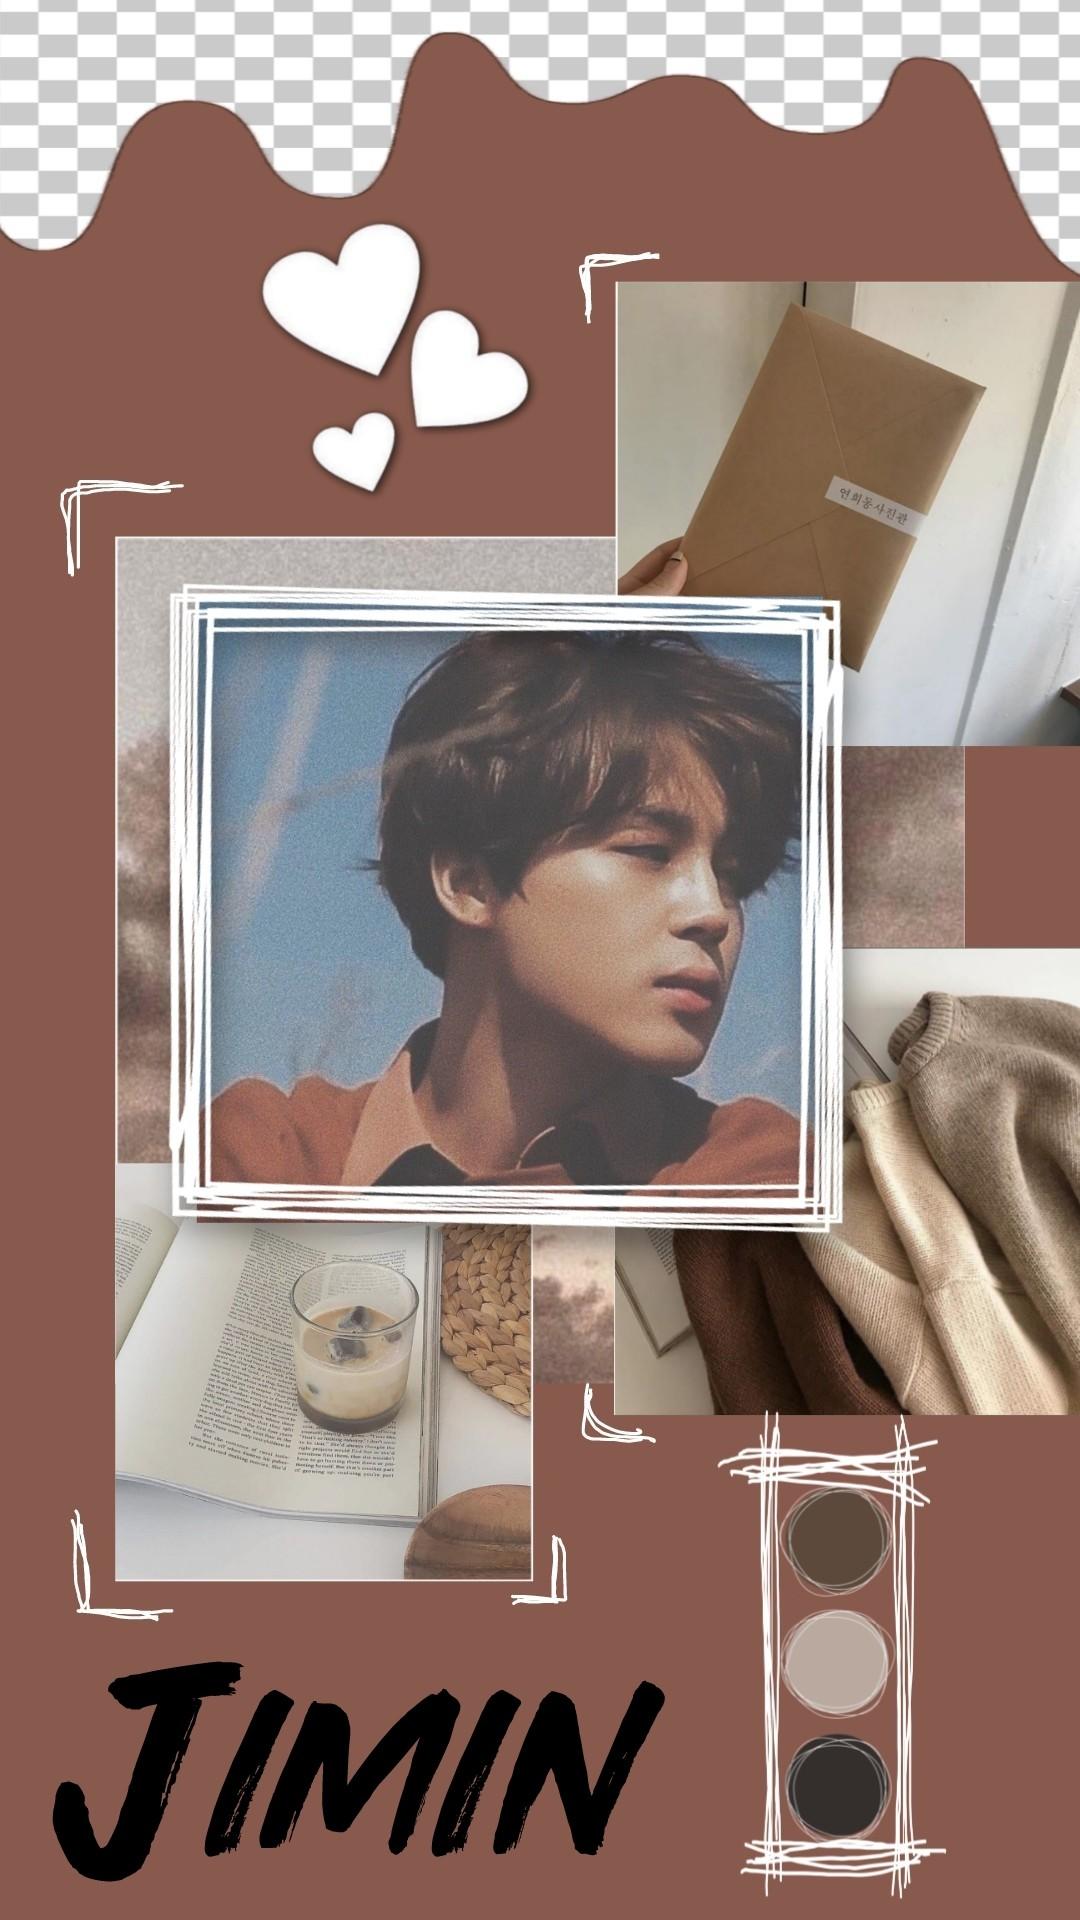 bts wallpaper aesthetic brown edit ...